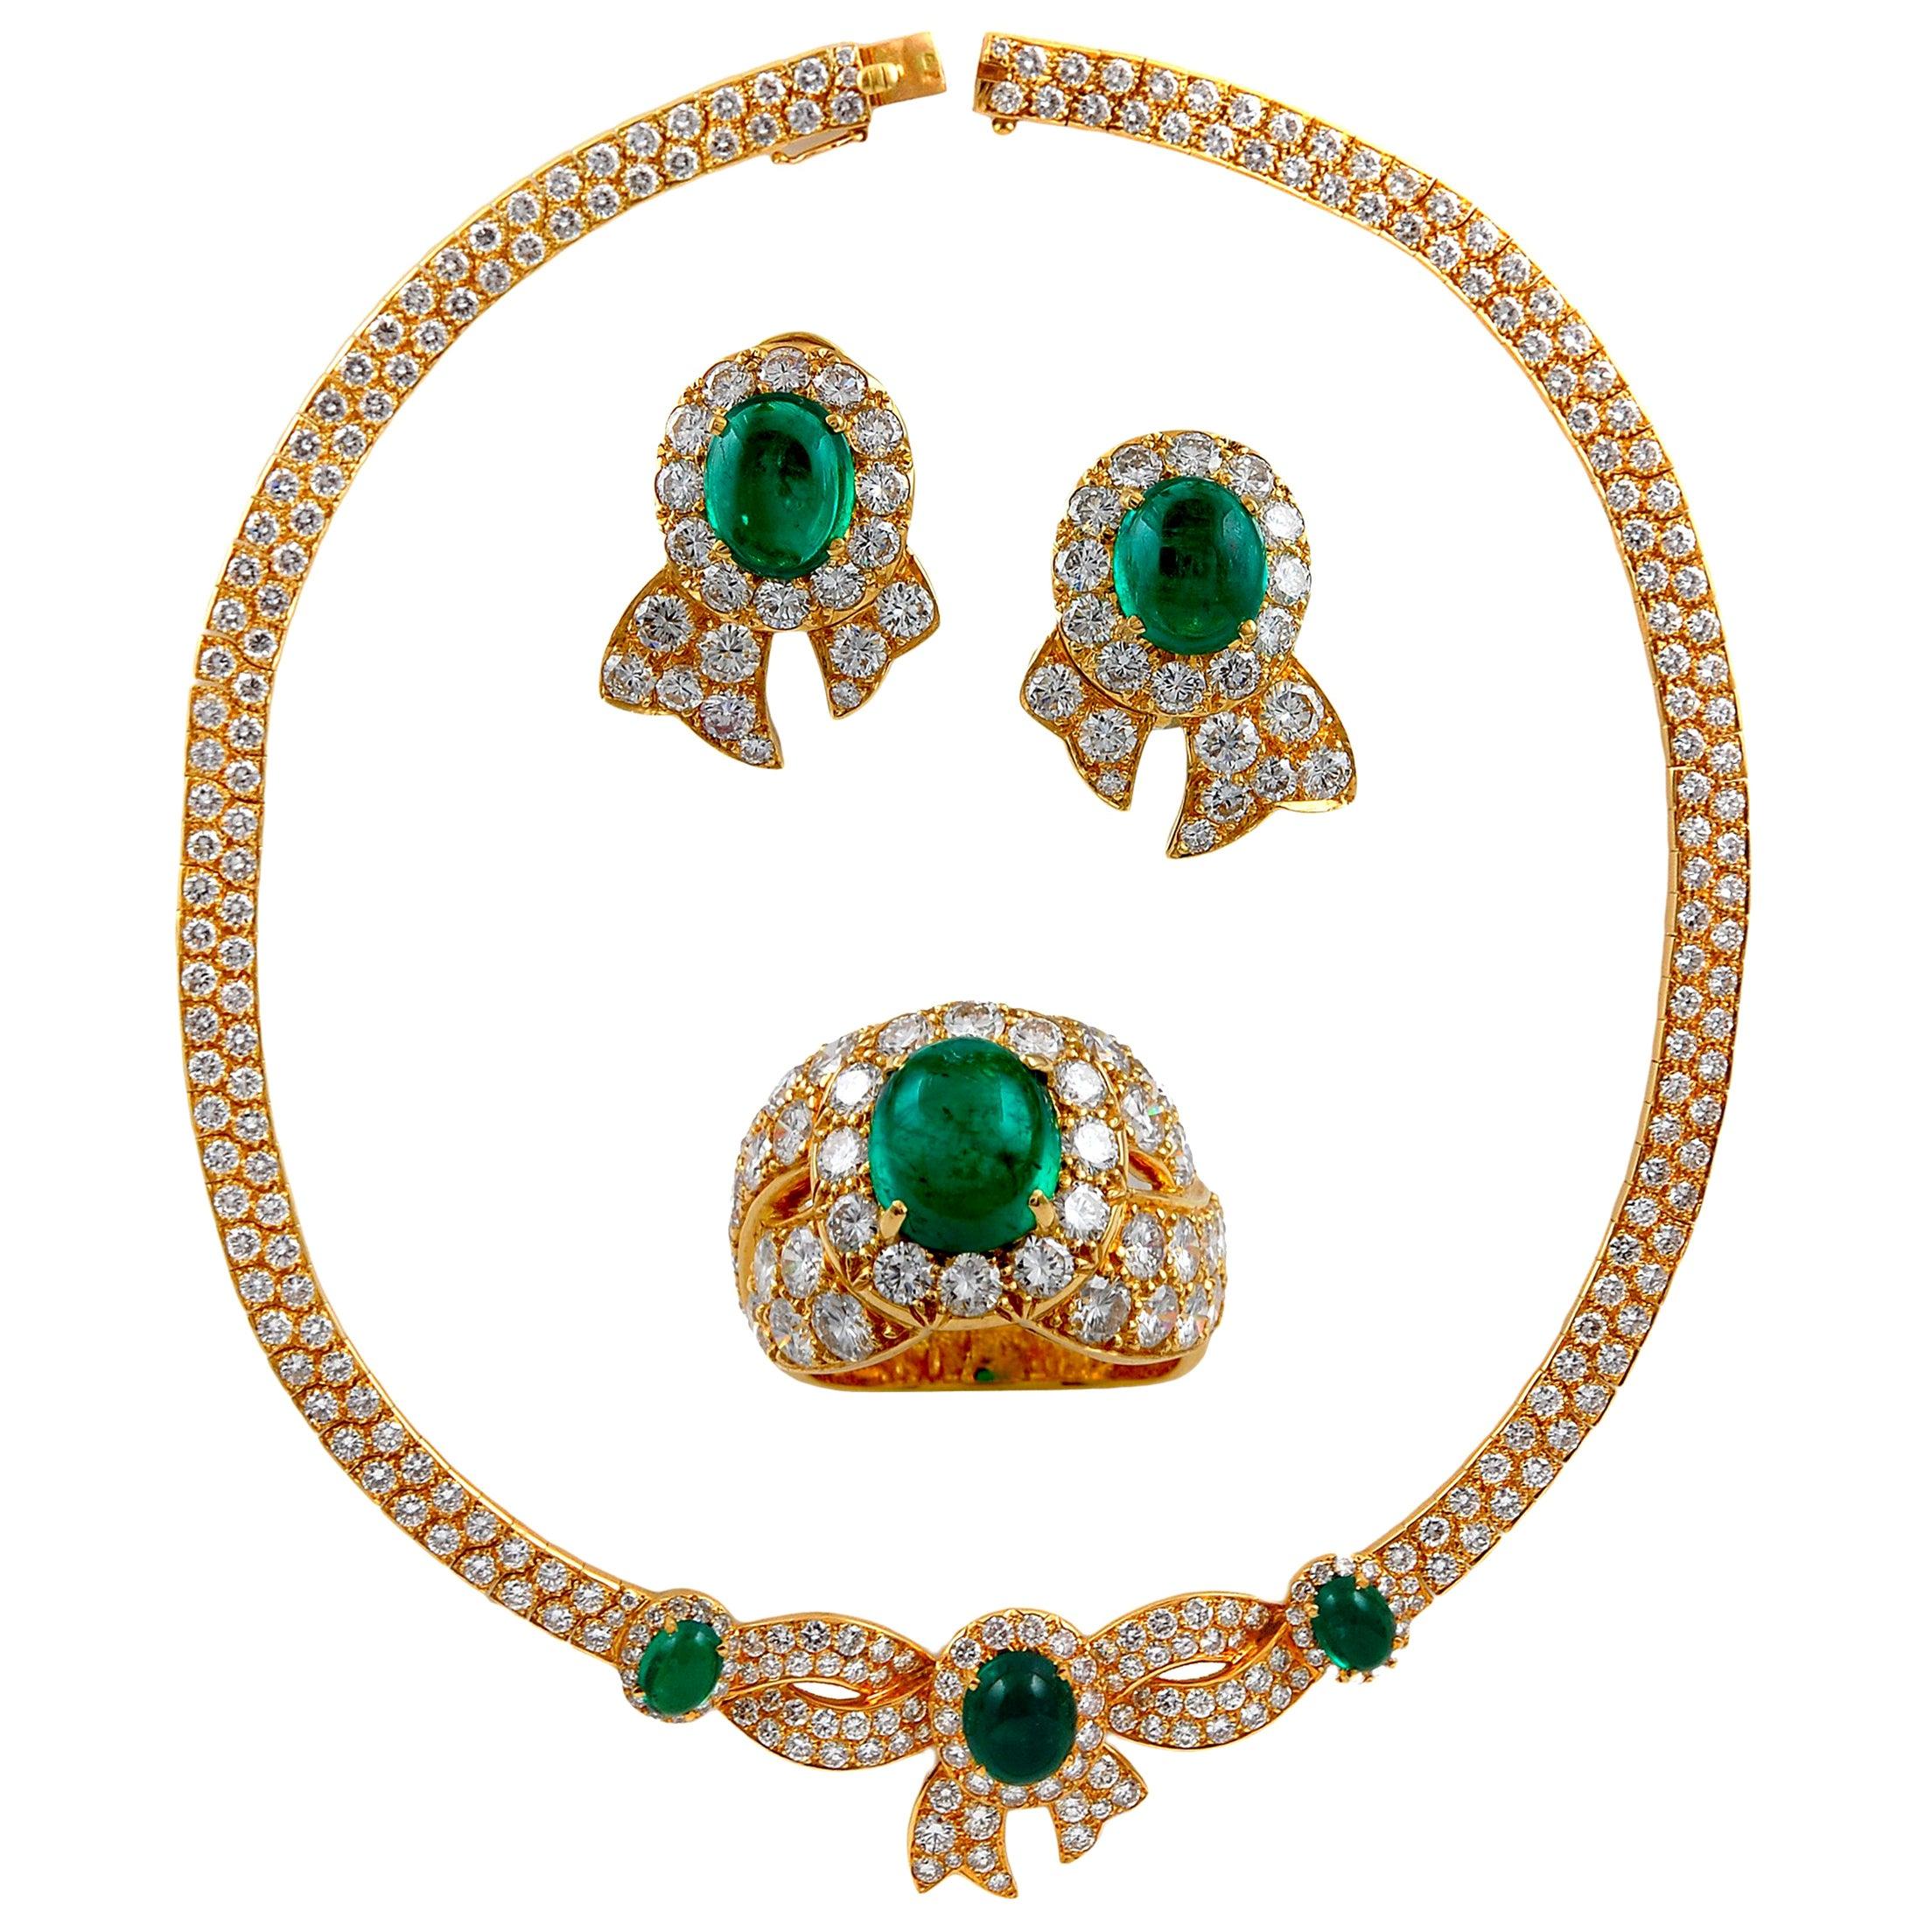 Mauboussin Cabochon Emerald Suite Necklace